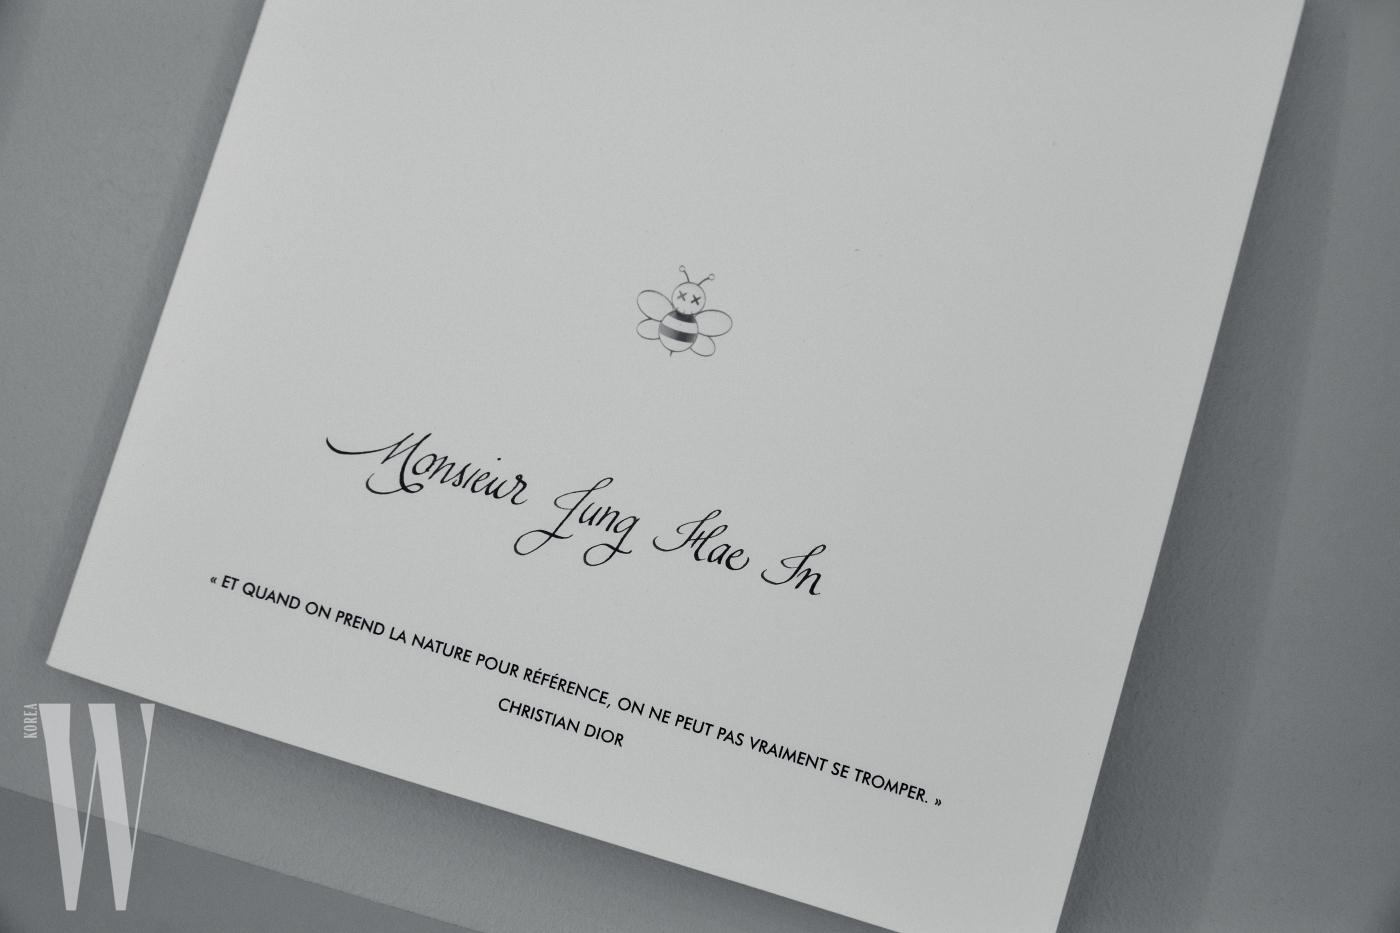 디올의 상징적인 꿀벌 심벌에 카우스 특유의 X 마크를 위트 있게 더한 초대장.